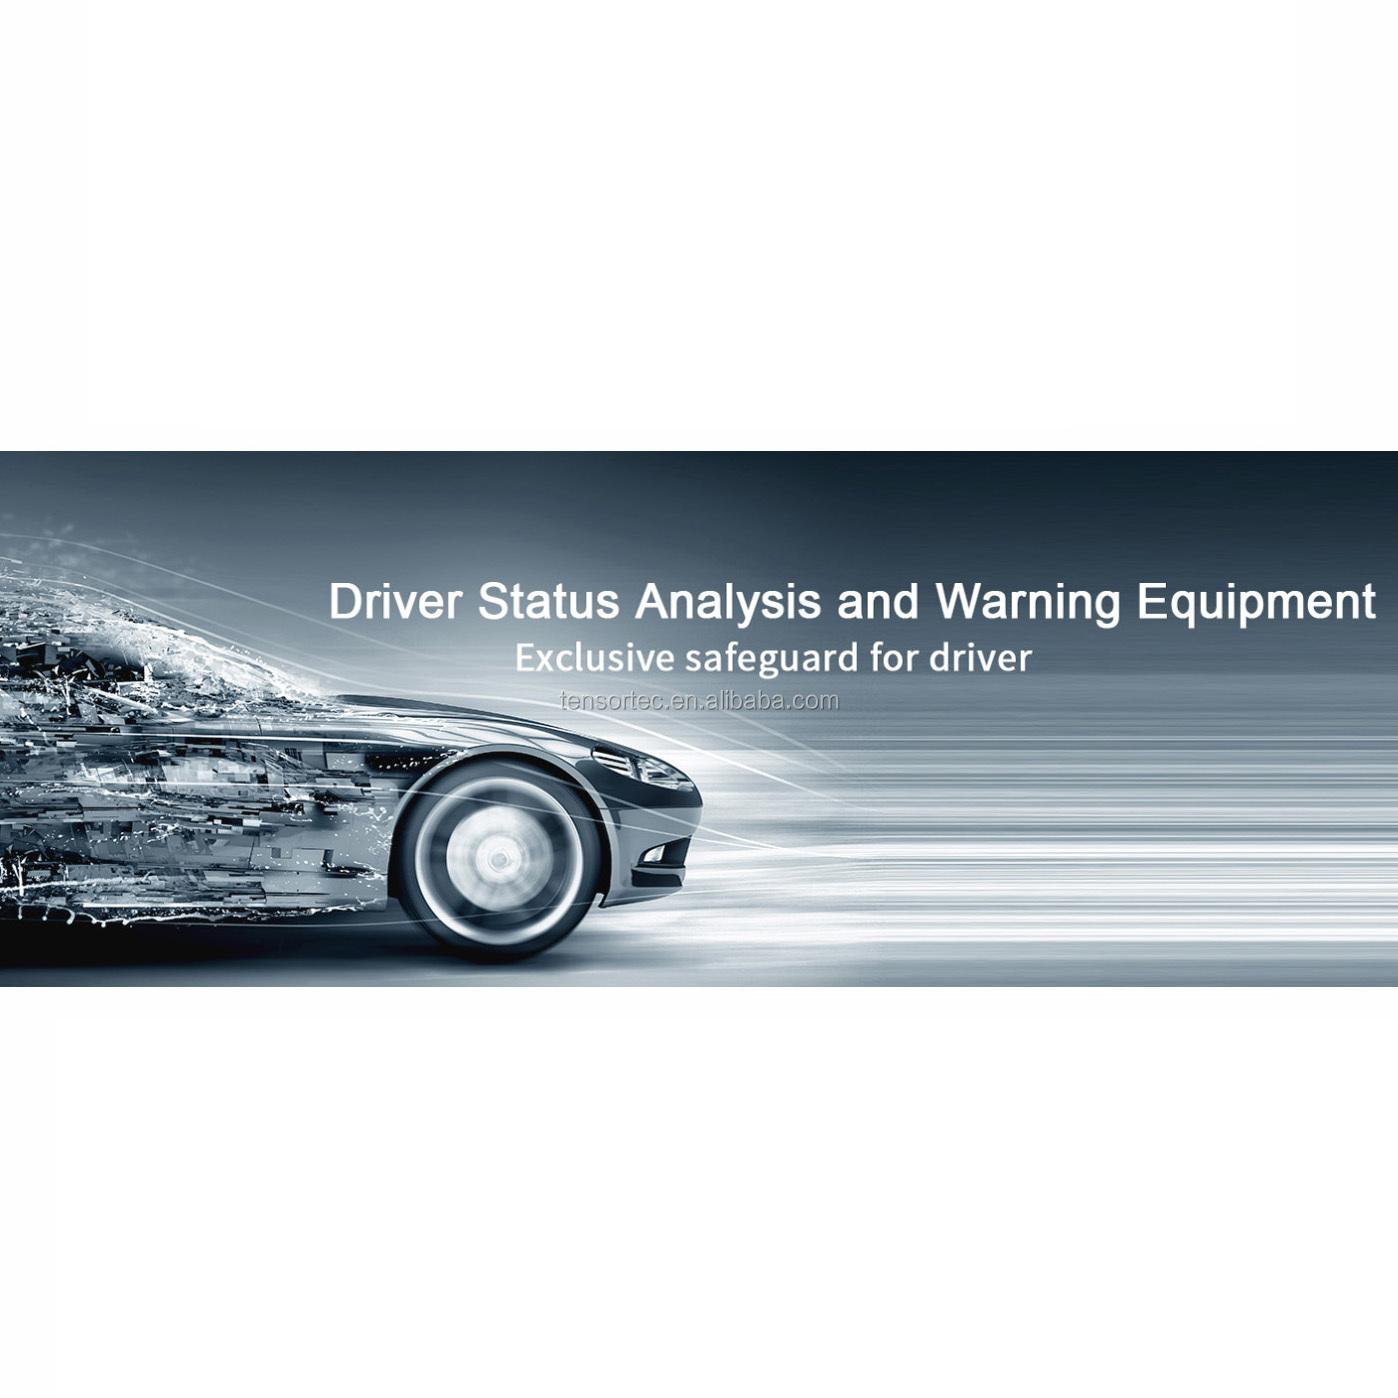 Vereinigte Arabische Emirate Katar Vision-Basierend Erweiterte Straße Auto Flotte Sicherheit Stick Recorder Adas System Auto Müdigkeit Instrumente